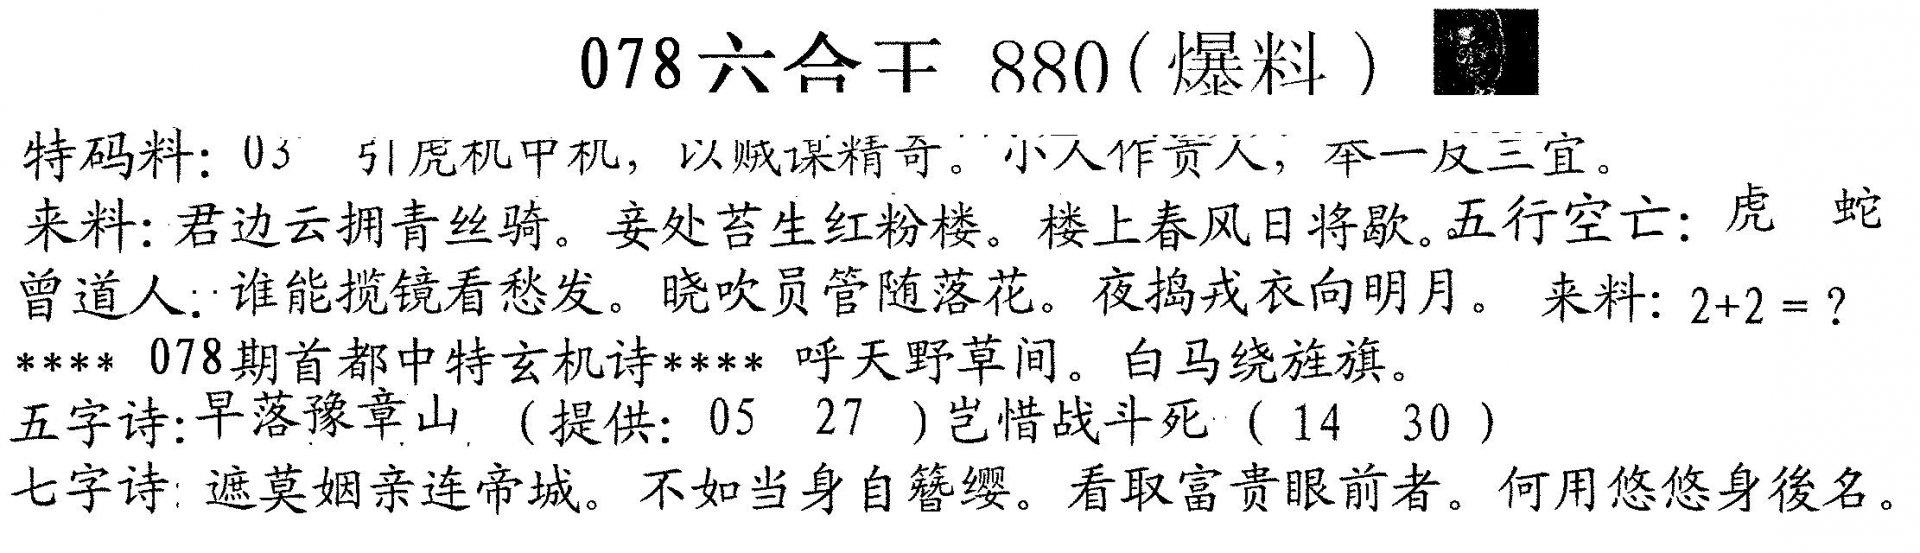 078期880来料(黑白)